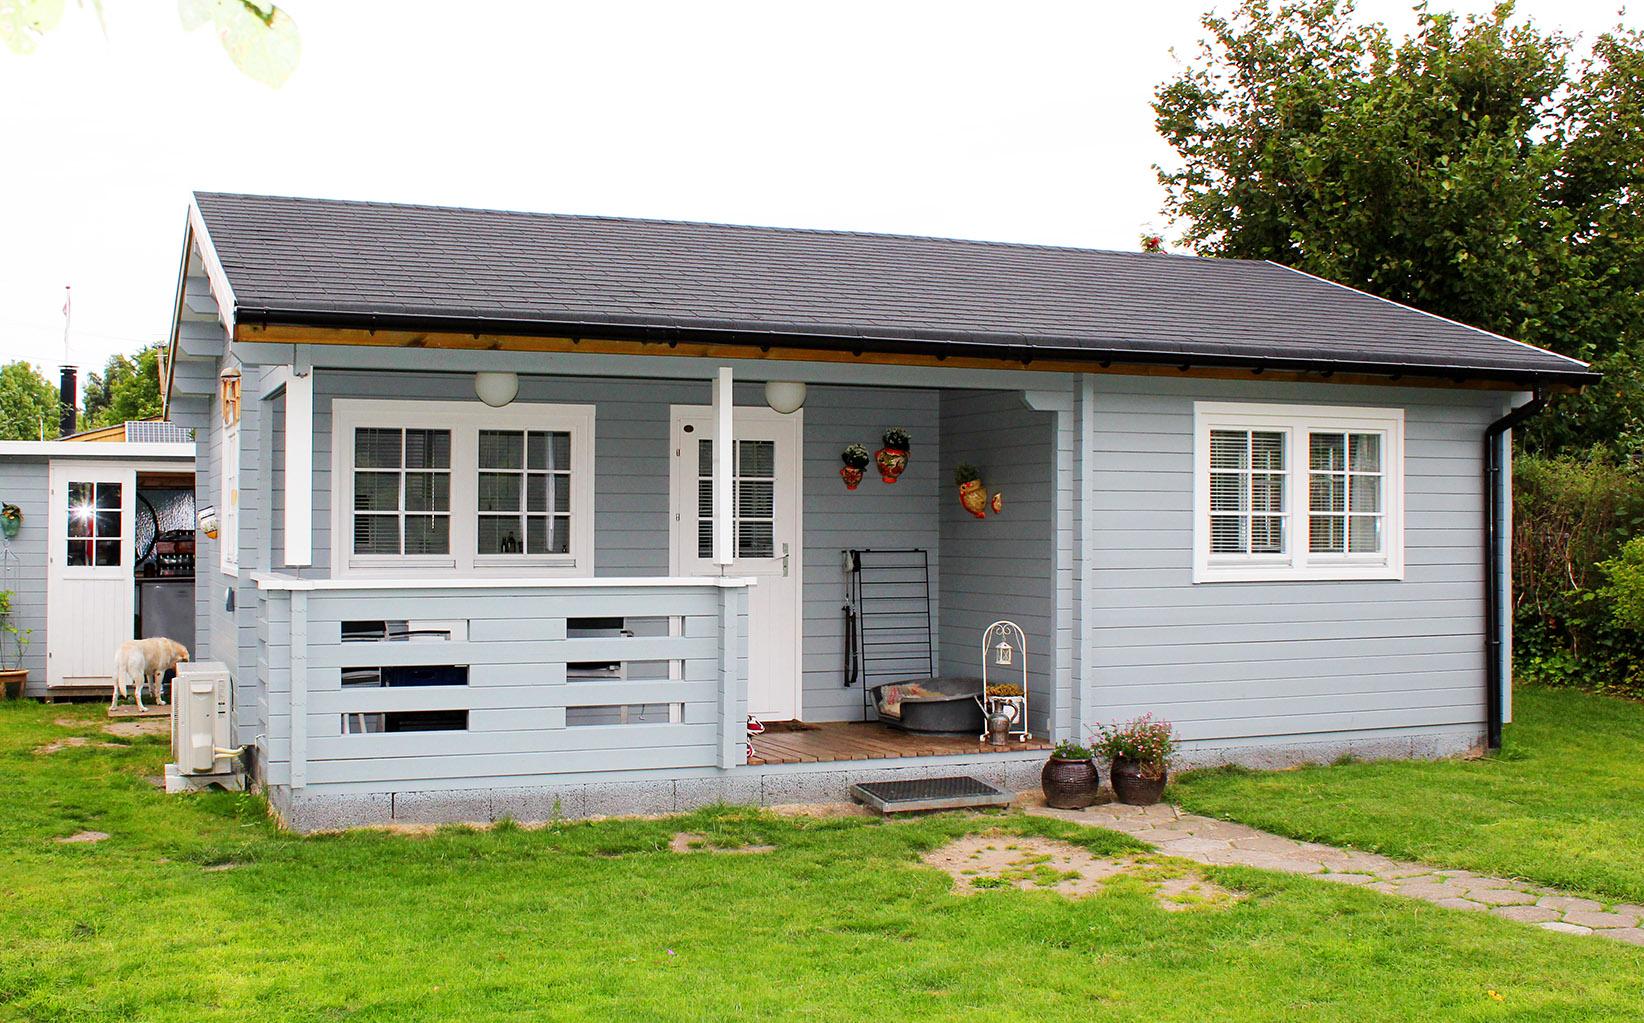 Annelise et billigt kolonihavehus fra sølundhuse.dk 43,7 m2 indsendt af kunde fra Viby